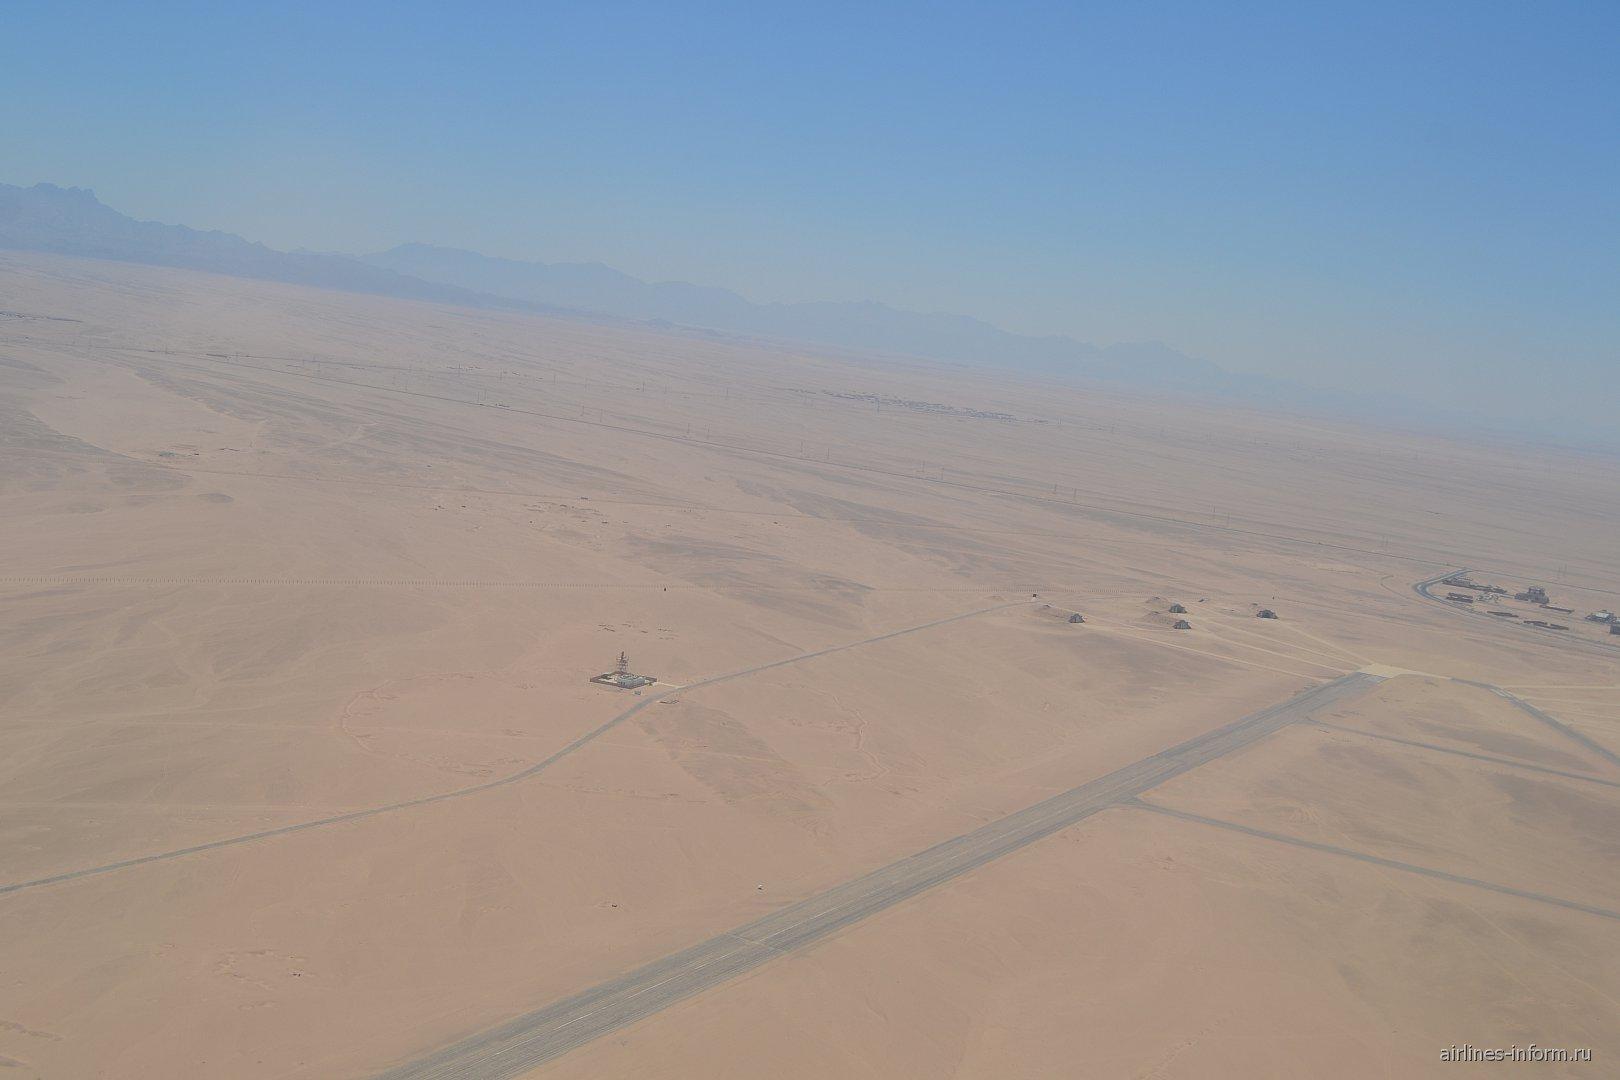 Пустыня при взлете из аэропорта Хургада